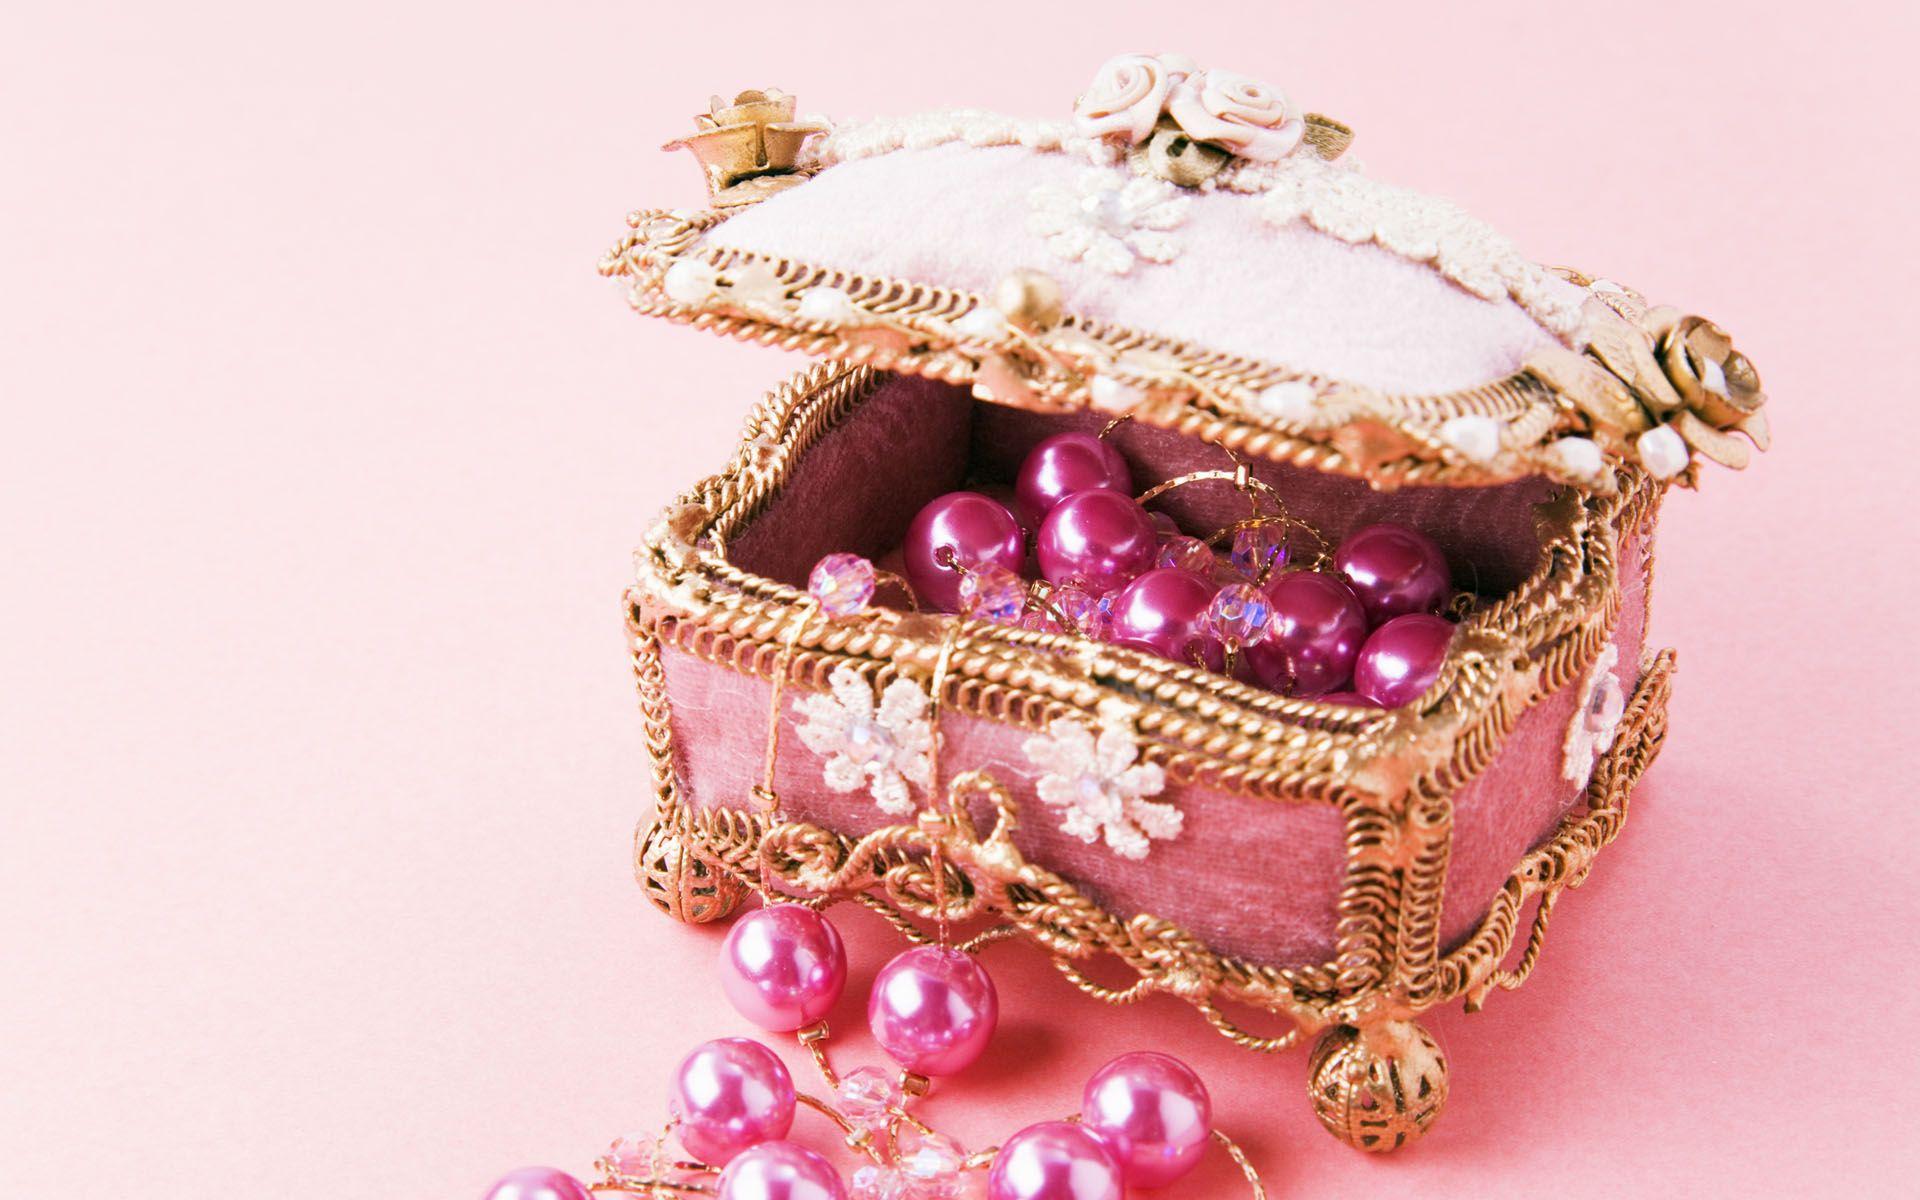 Slovenský zlatník prezradil, ako sa starať o šperky aby nesčernali a boli vždy krásne a ako nové | Chillin.sk